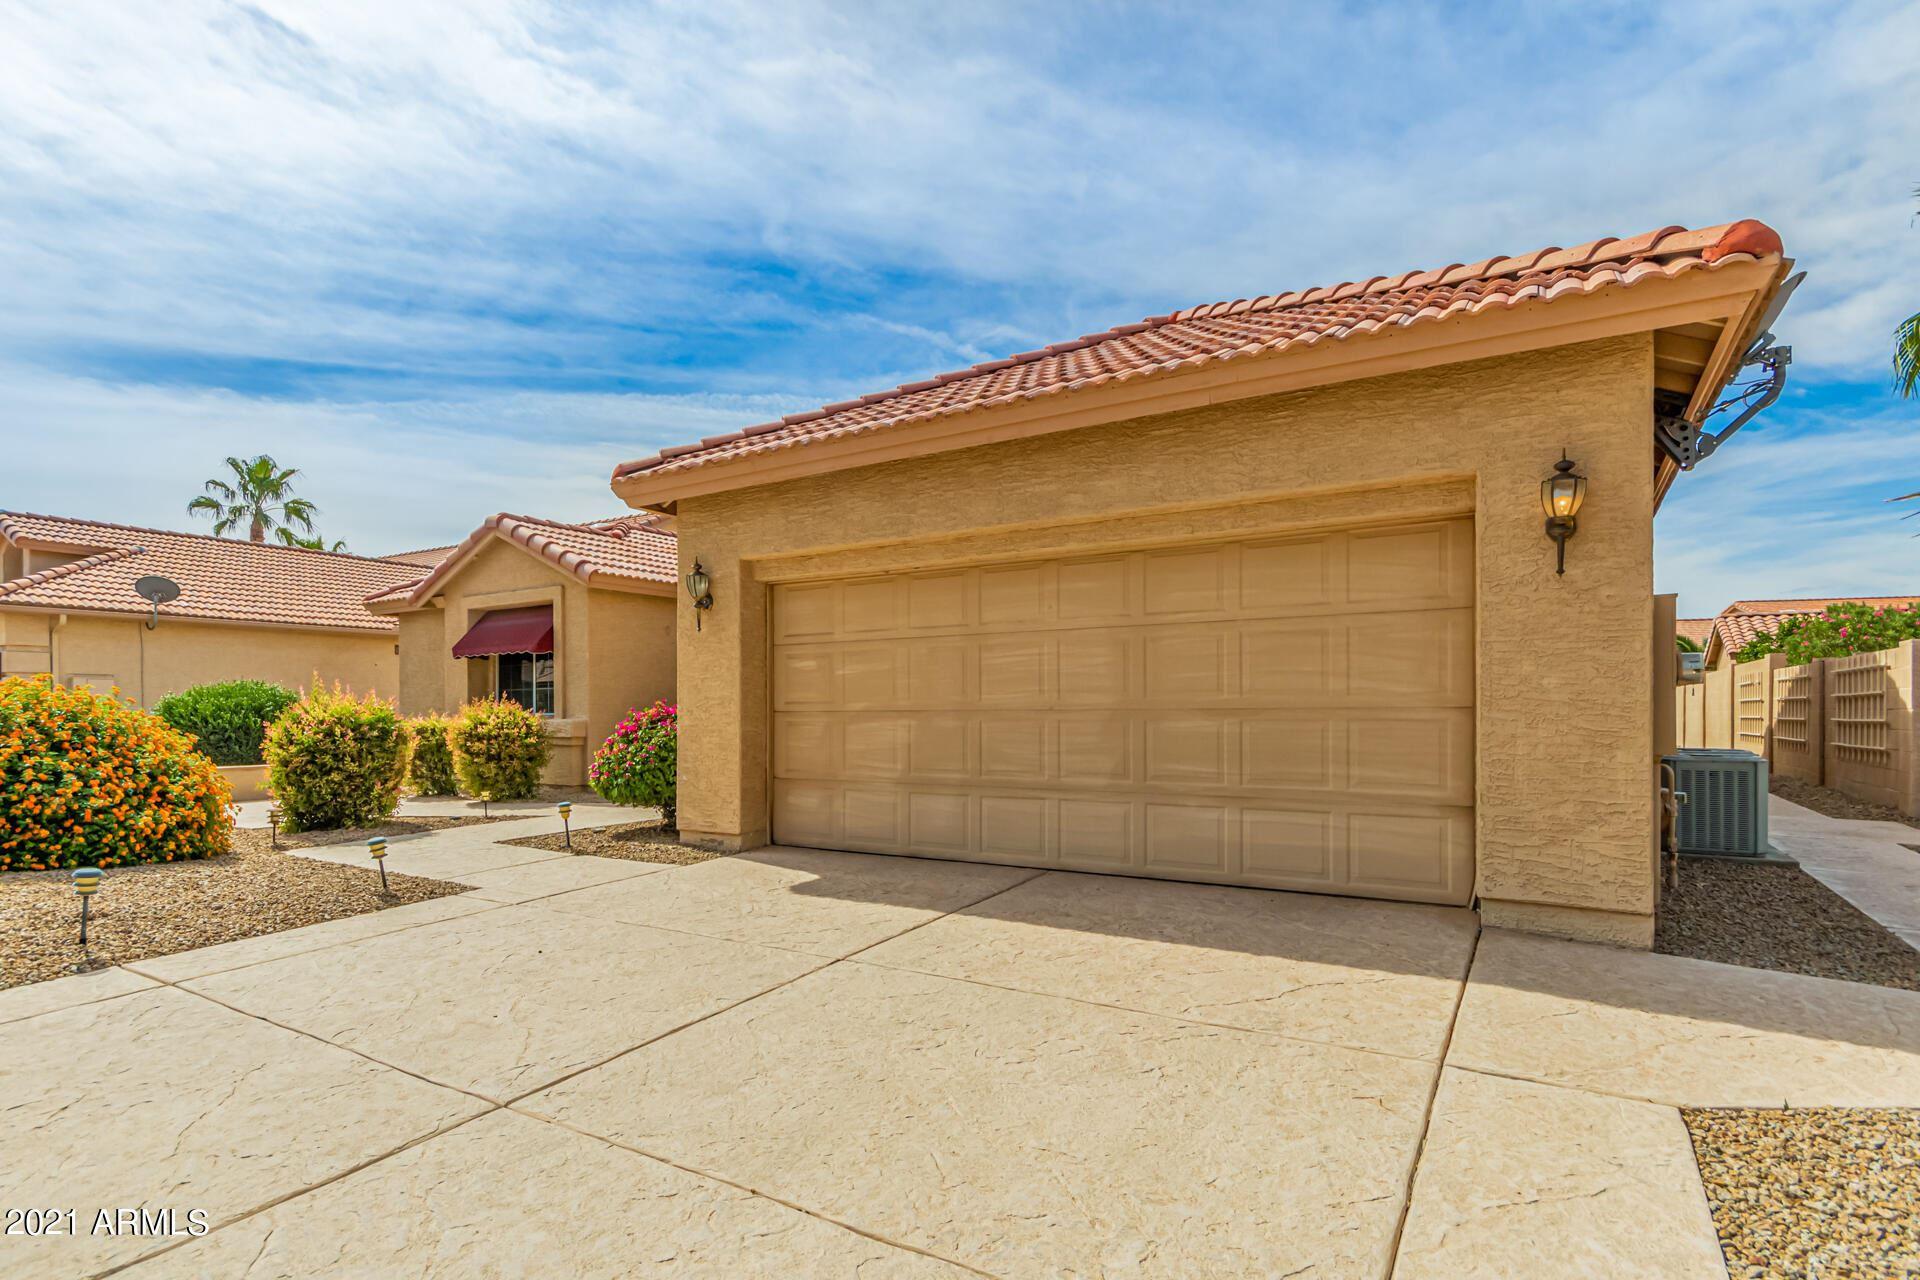 Photo of 23606 S DESERT BURST Court, Sun Lakes, AZ 85248 (MLS # 6304620)